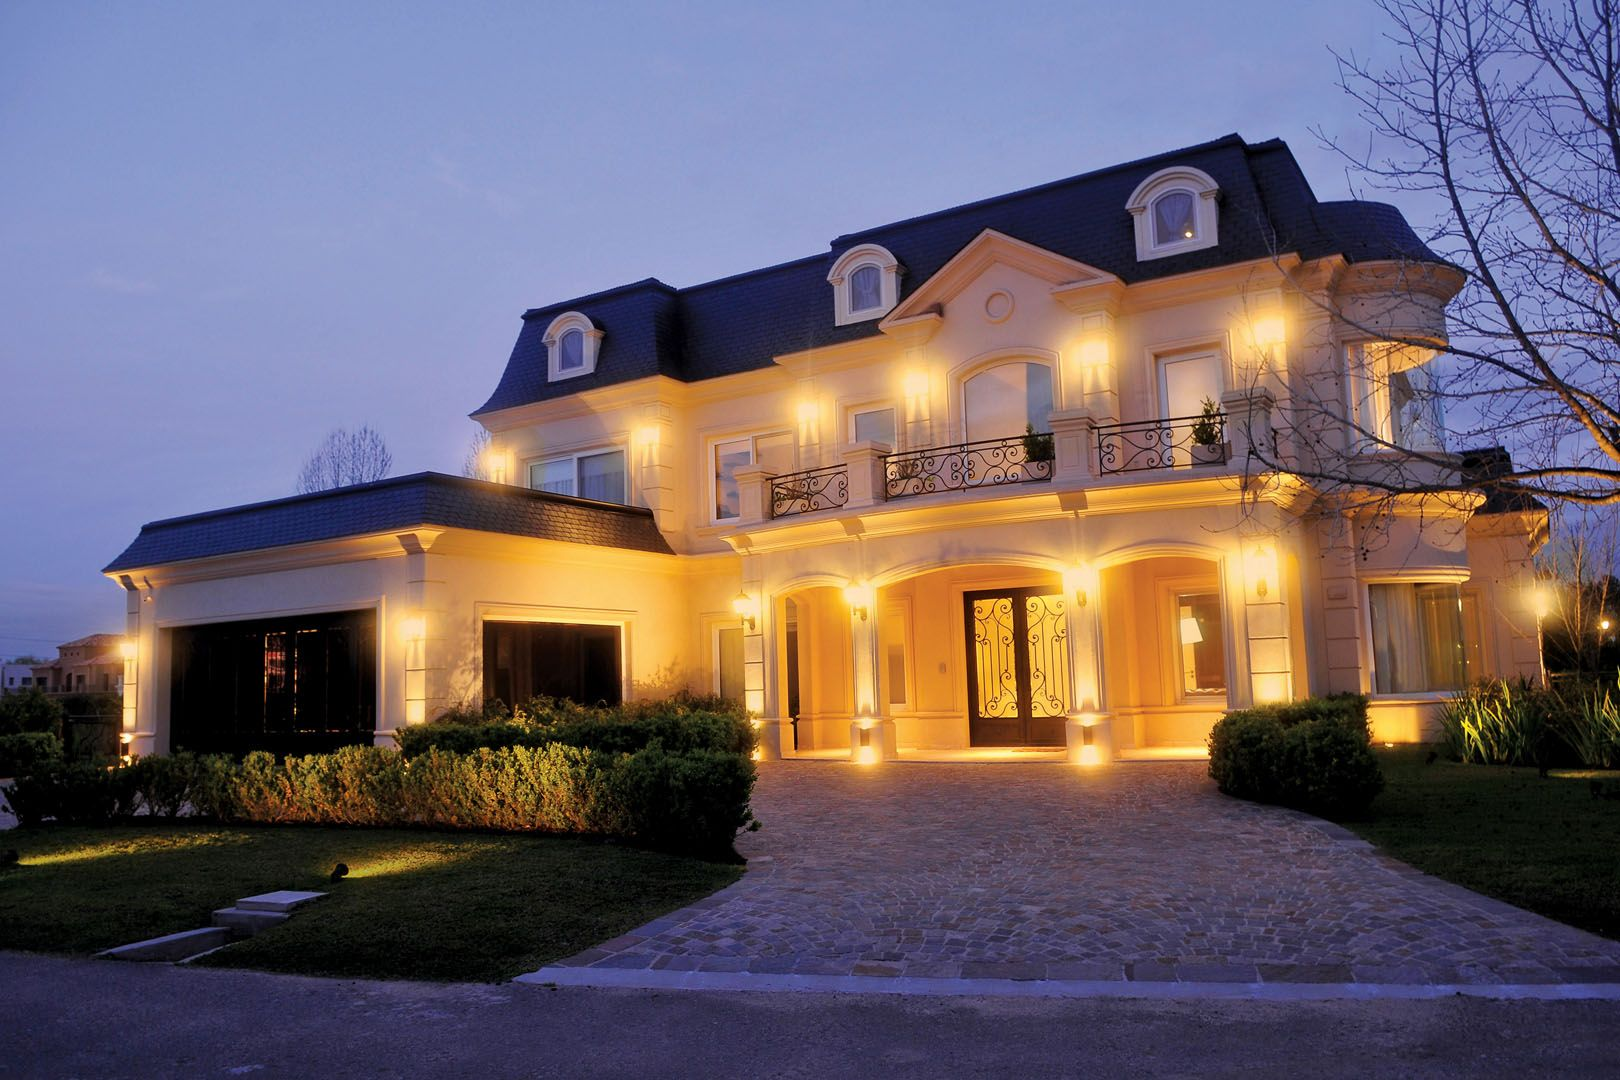 Fern ndez borda arquitectura casas pinterest estilo for Portal de arquitectos casa de campo